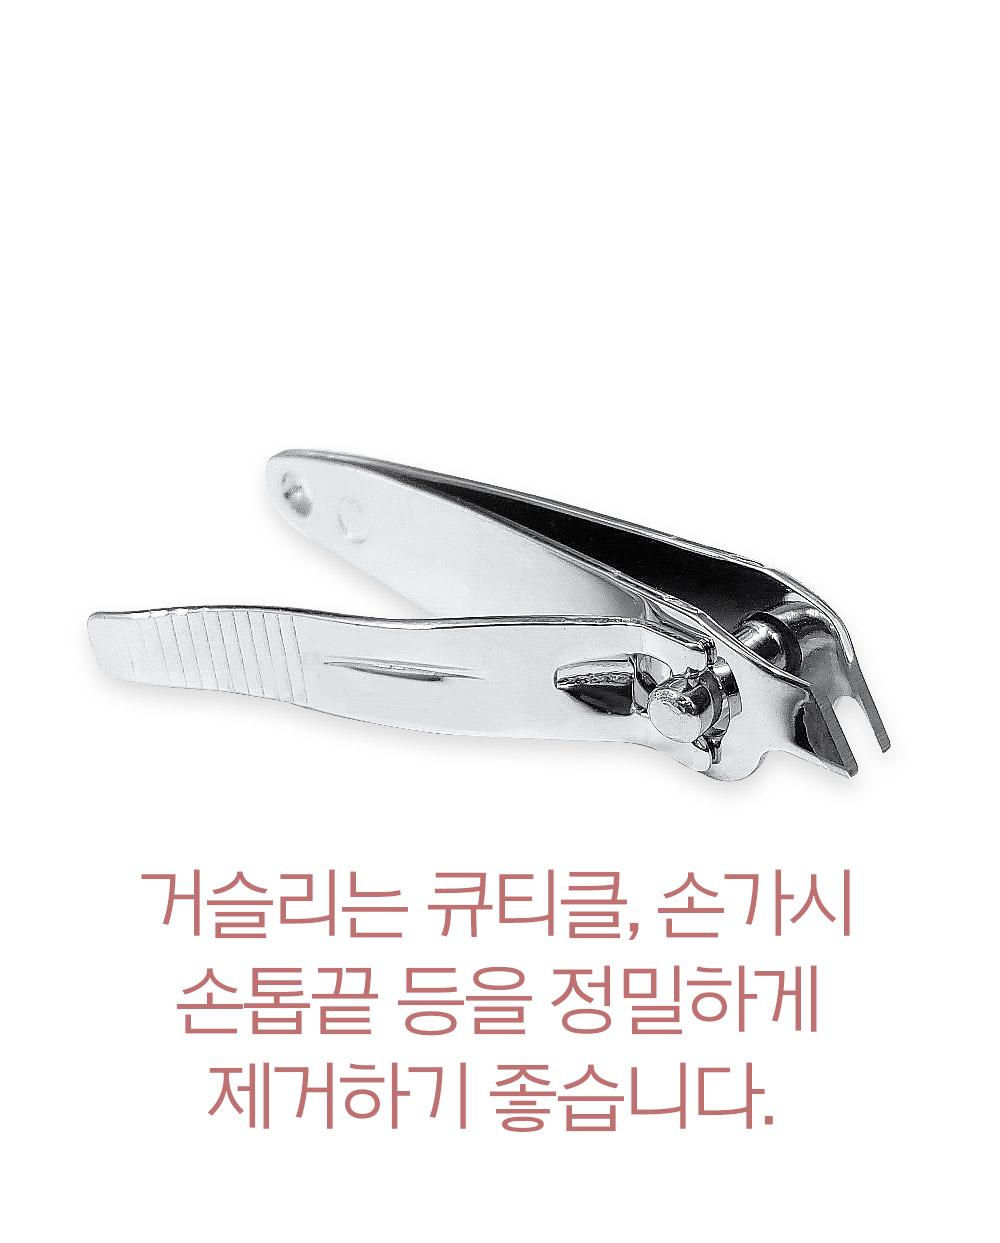 국내생산 고품질 큐티클깎이 손가시 손톱거스러미 - 벨로티, 2,200원, 네일, 관리도구